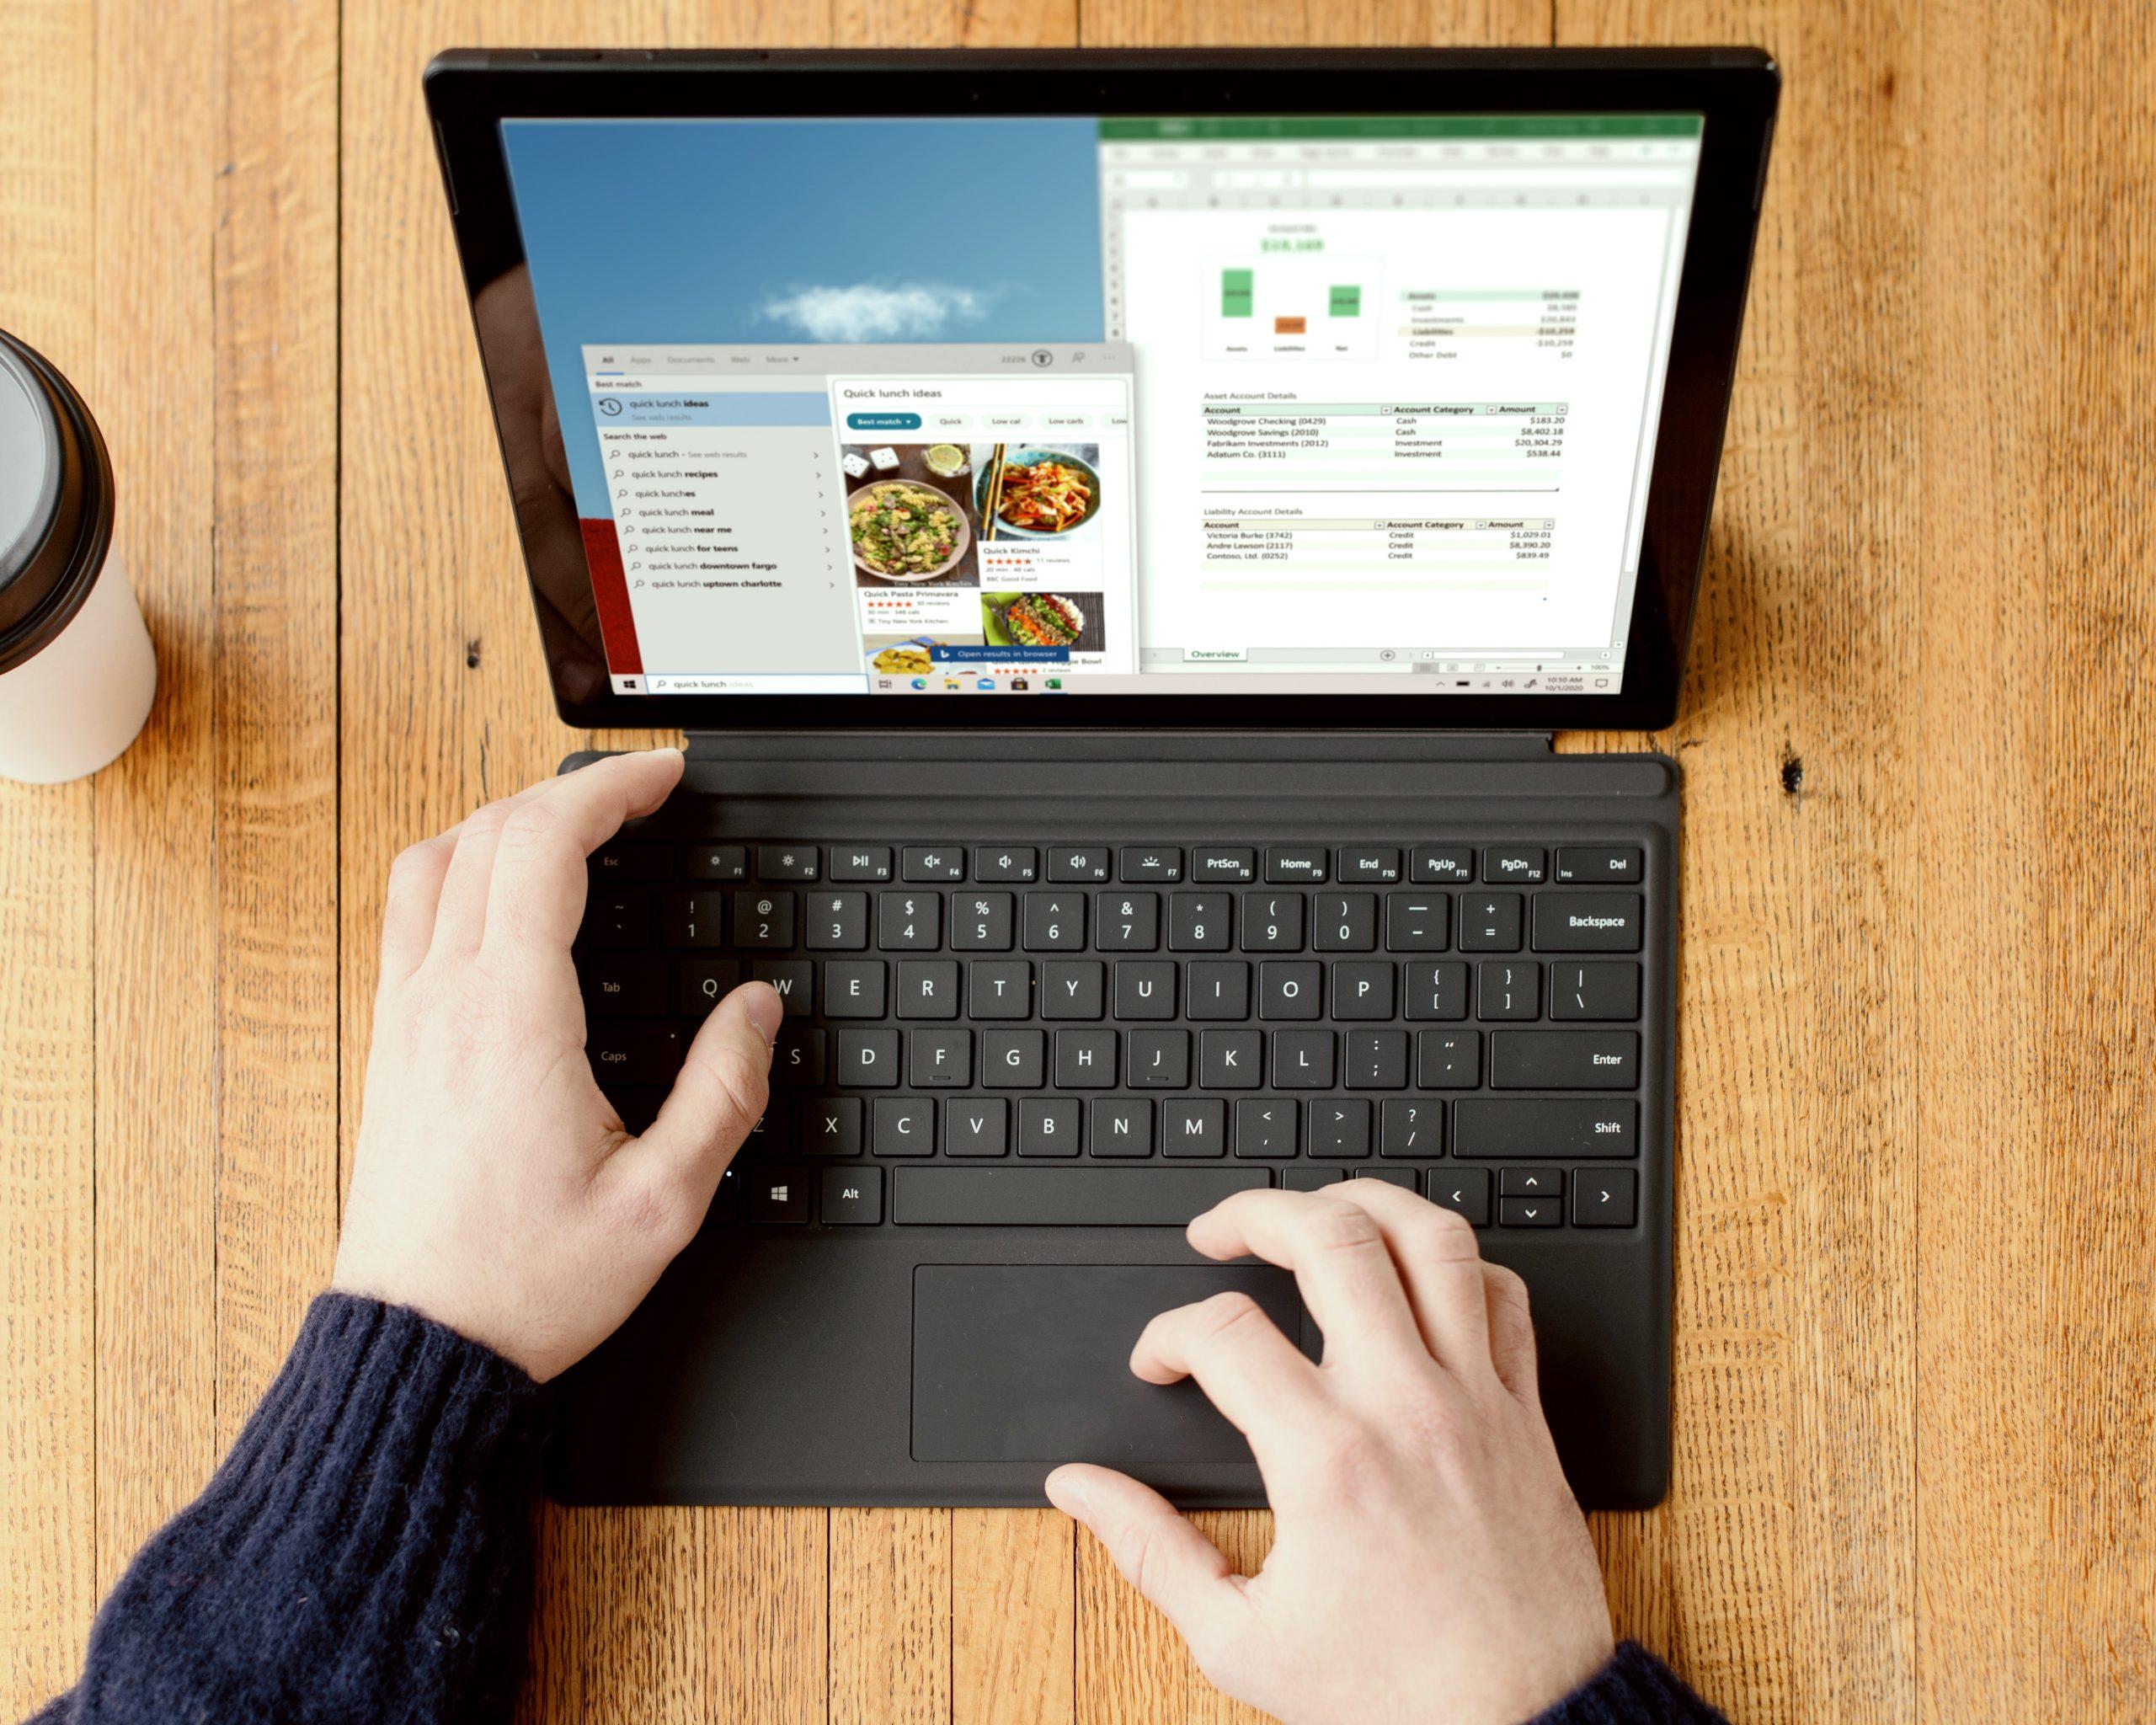 Imagem de uma pessoa usando um tablet com teclado.